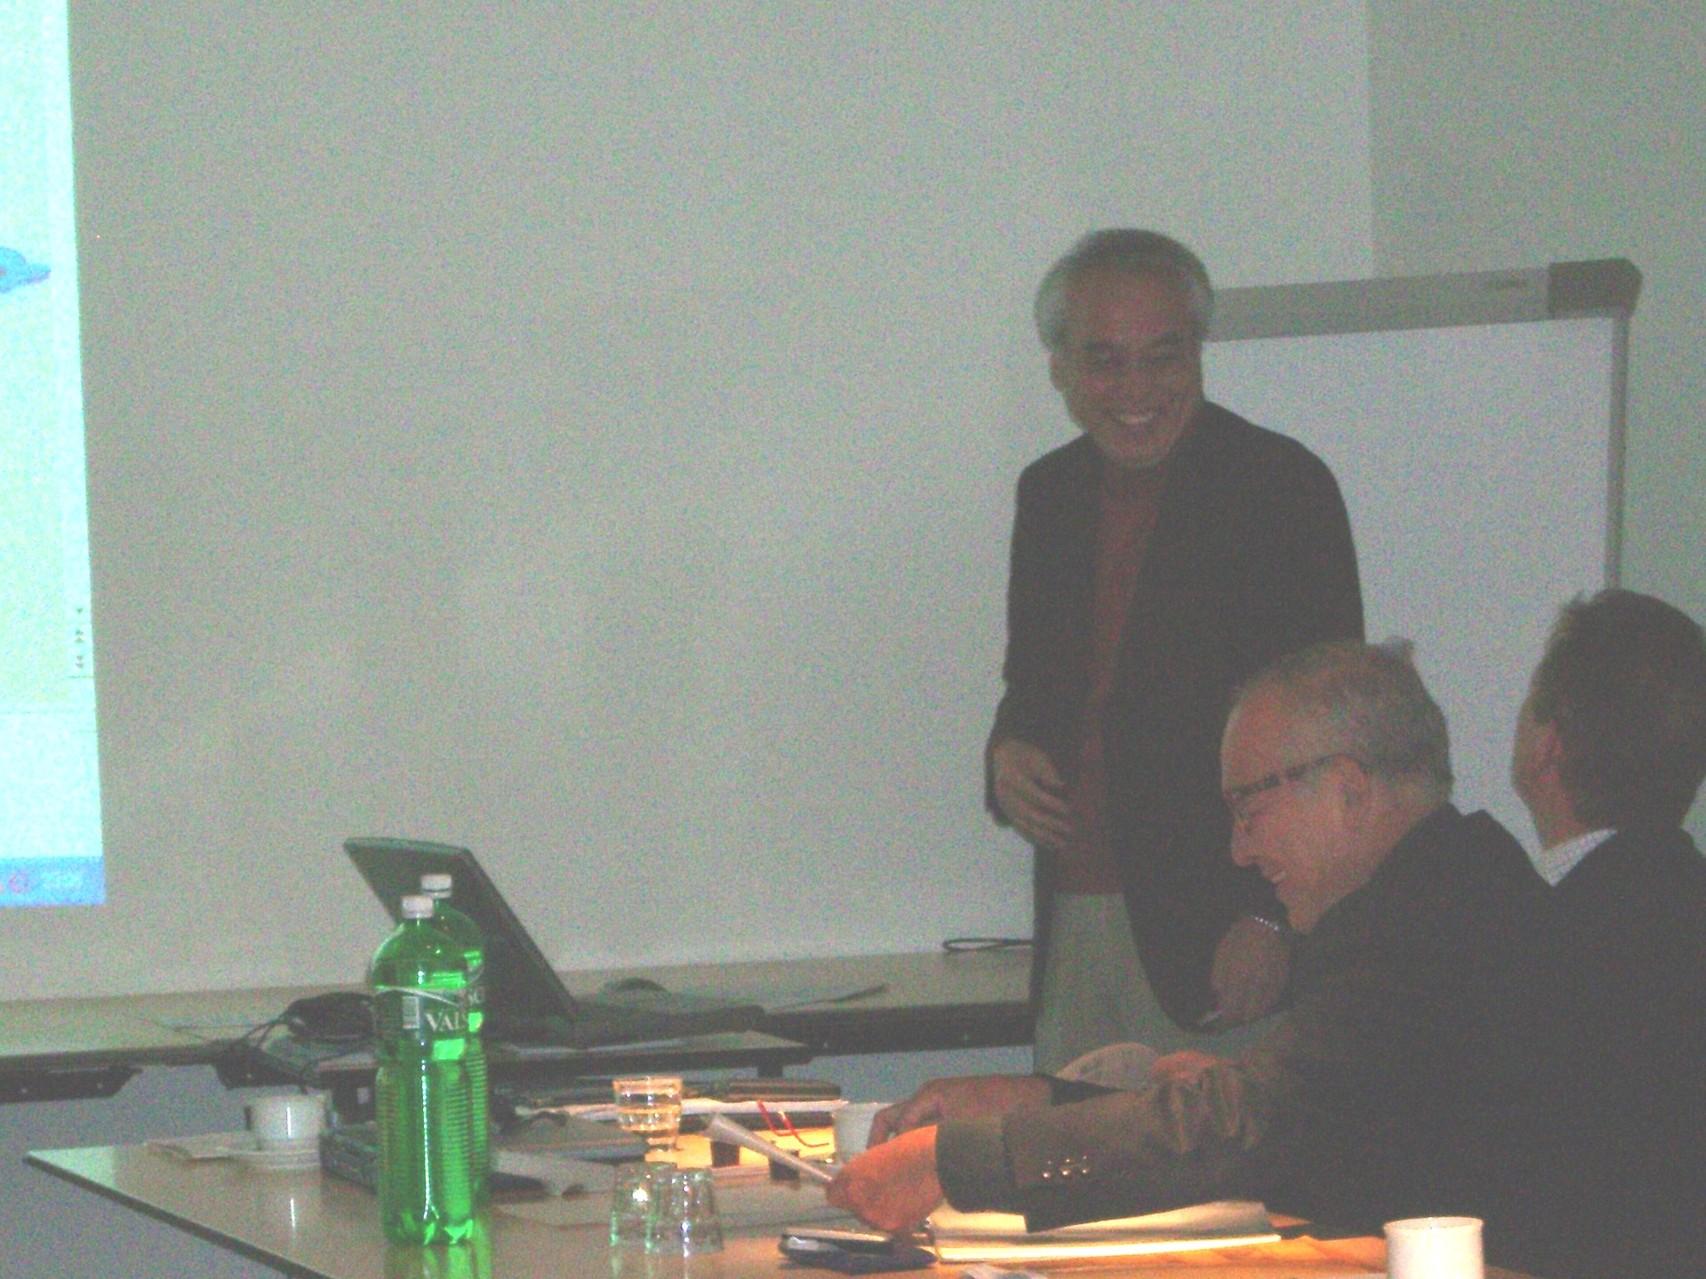 2005 ヨーロッパ環境ビジネス視察 自社技術の紹介1